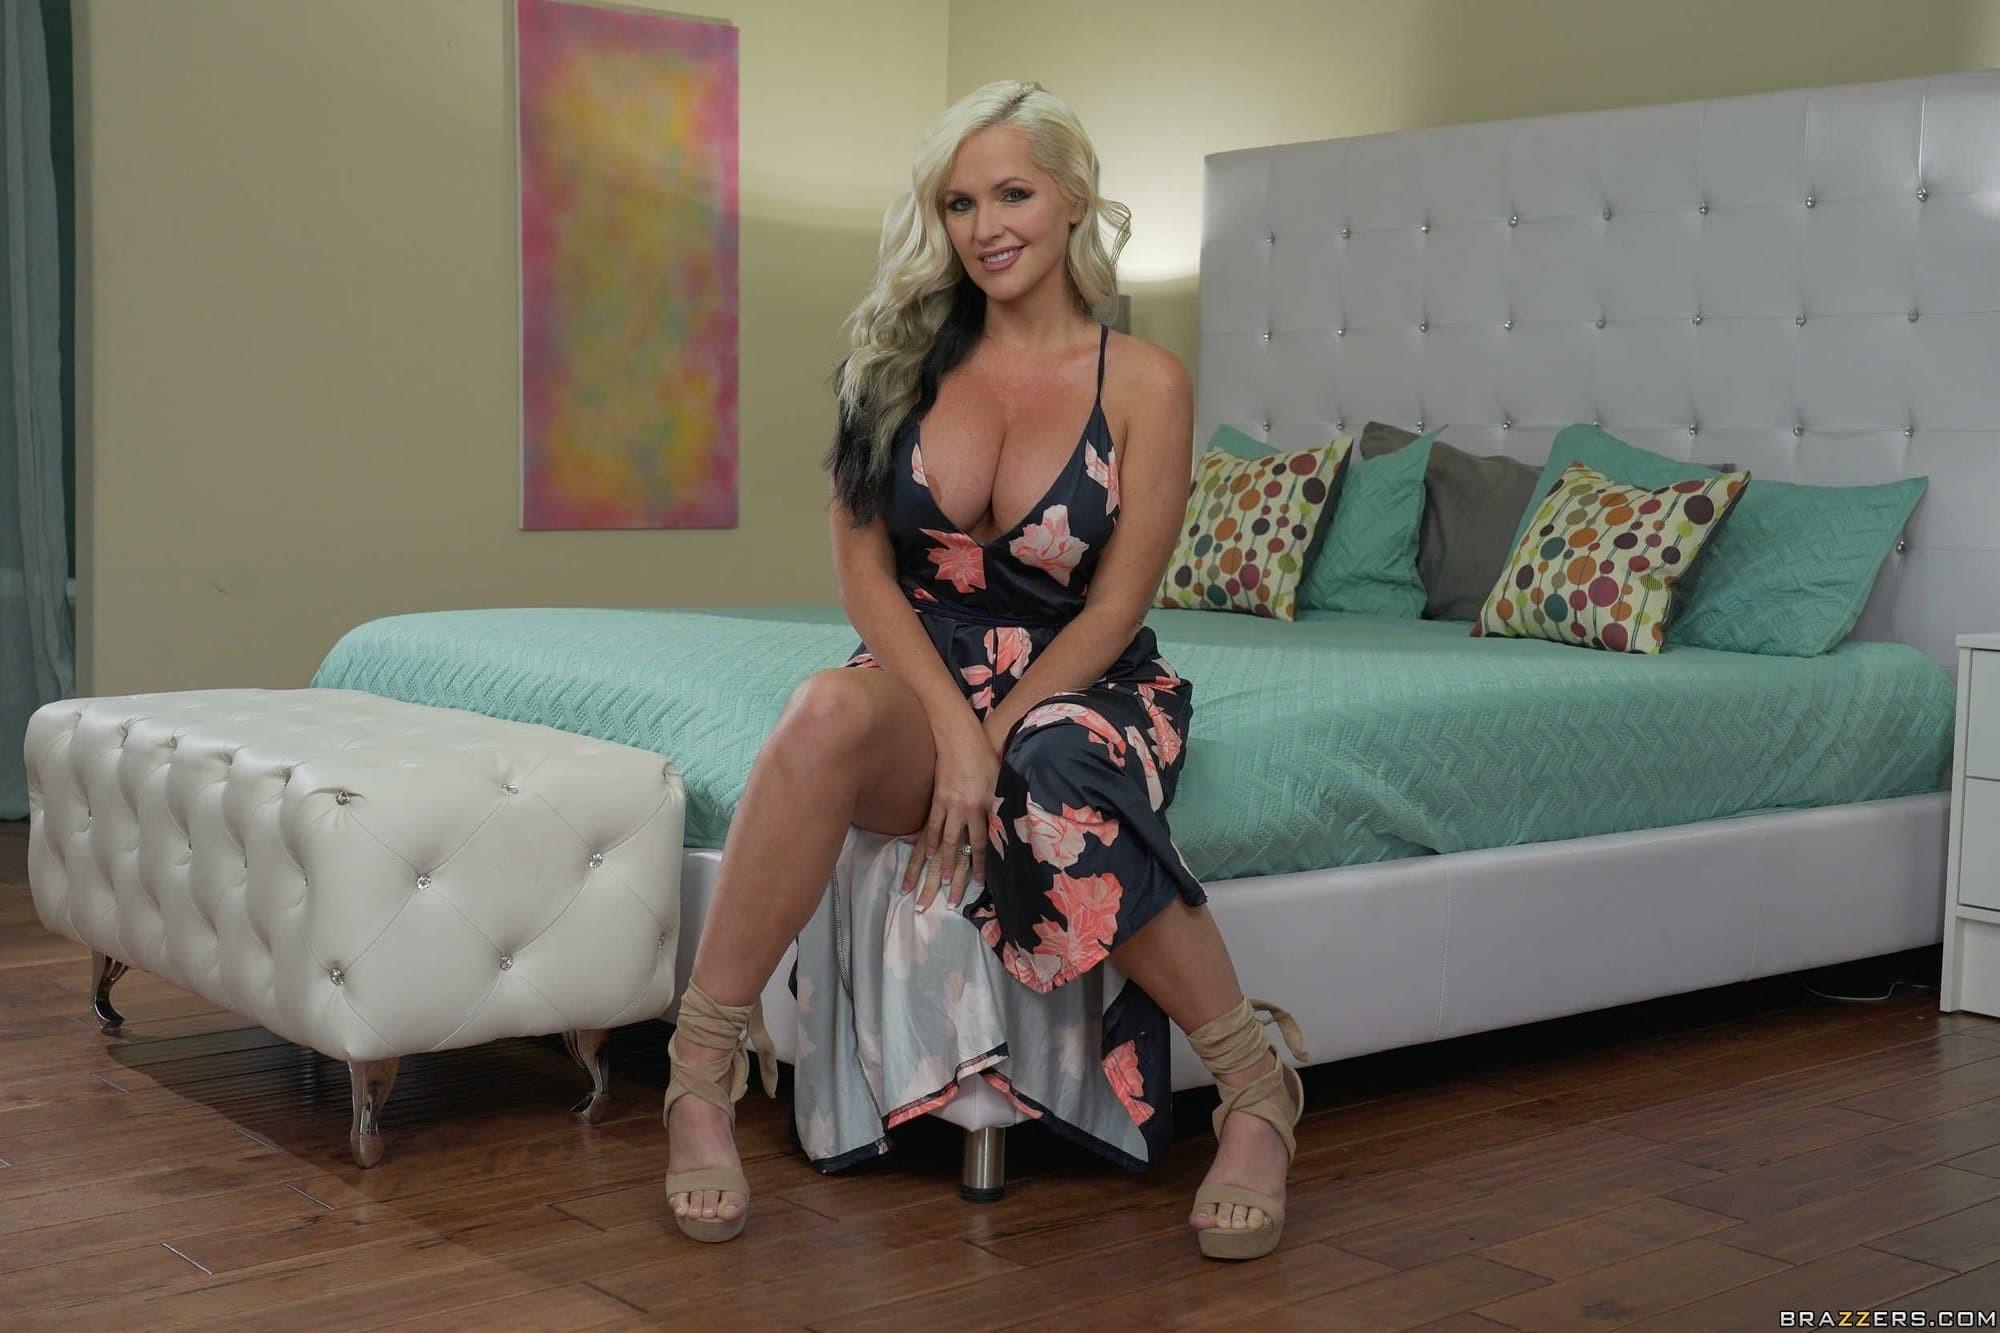 Зрелая домохозяйка с большими сиськами в спальне - фото